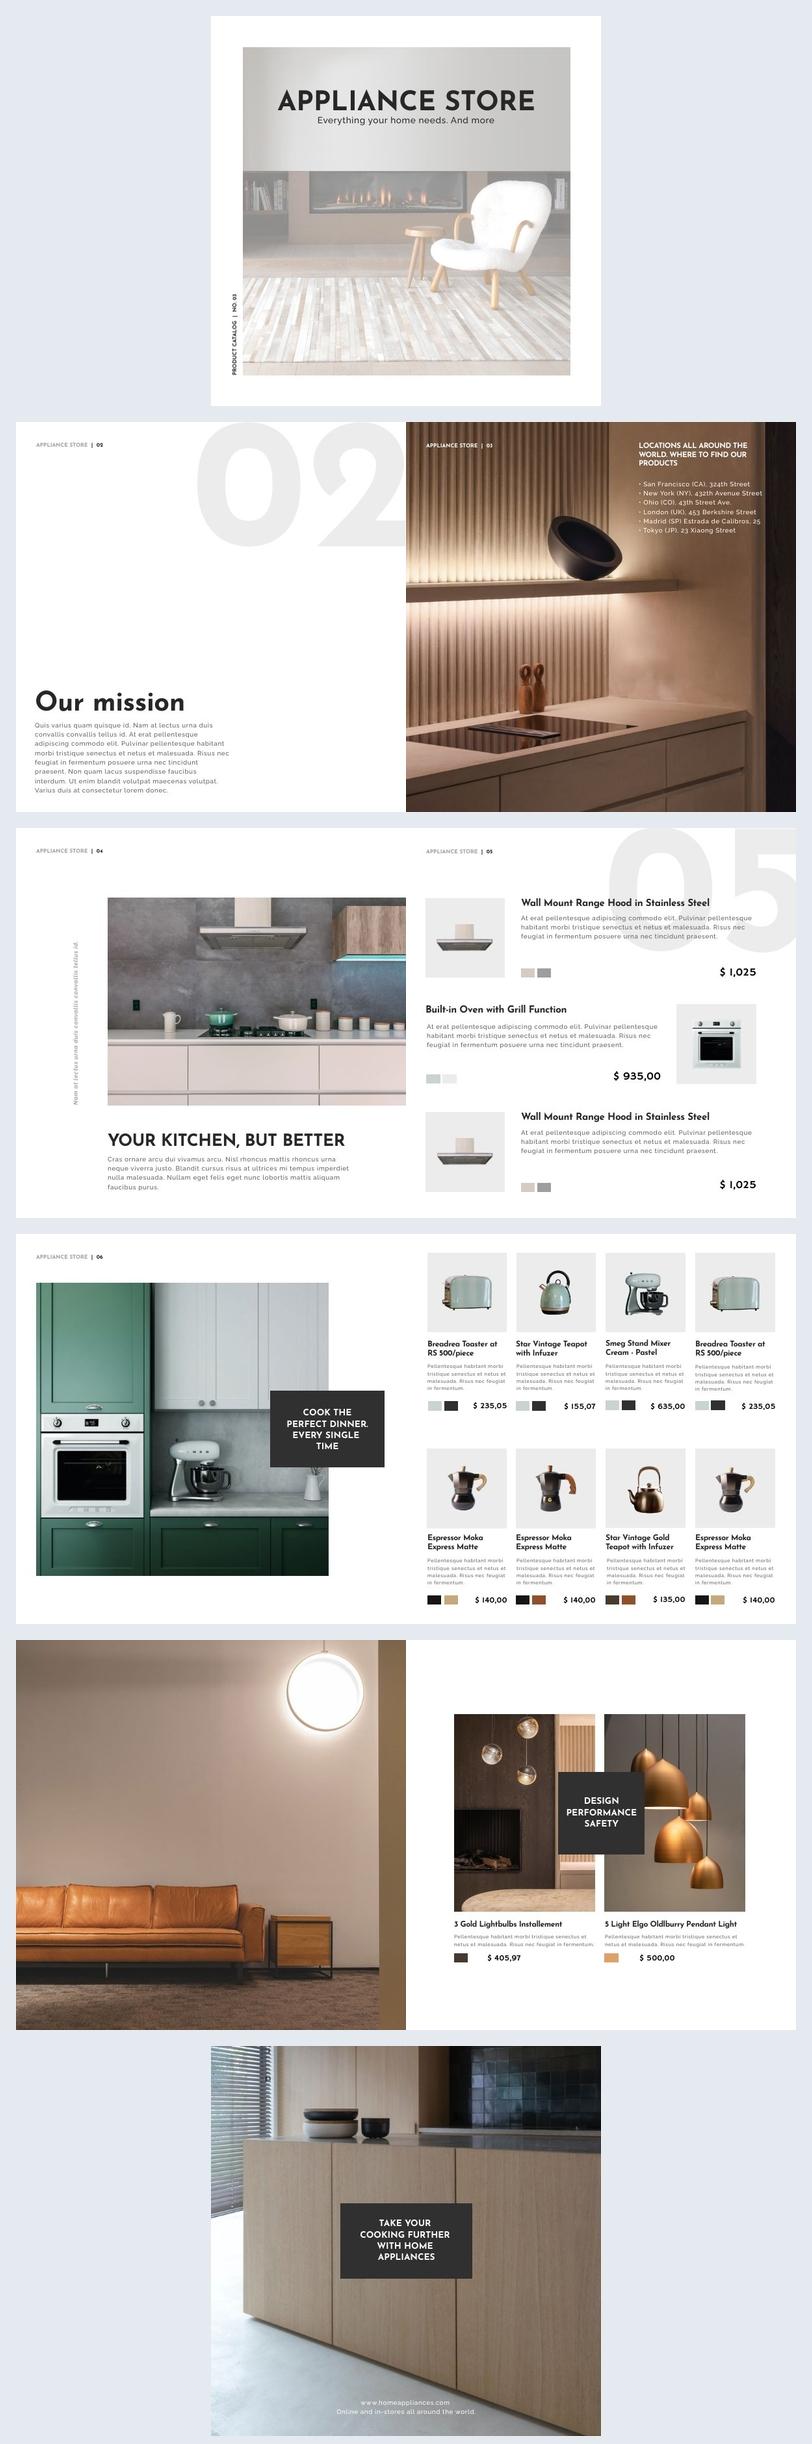 Exemple et design de catalogue d'appareils électroménagers moderne